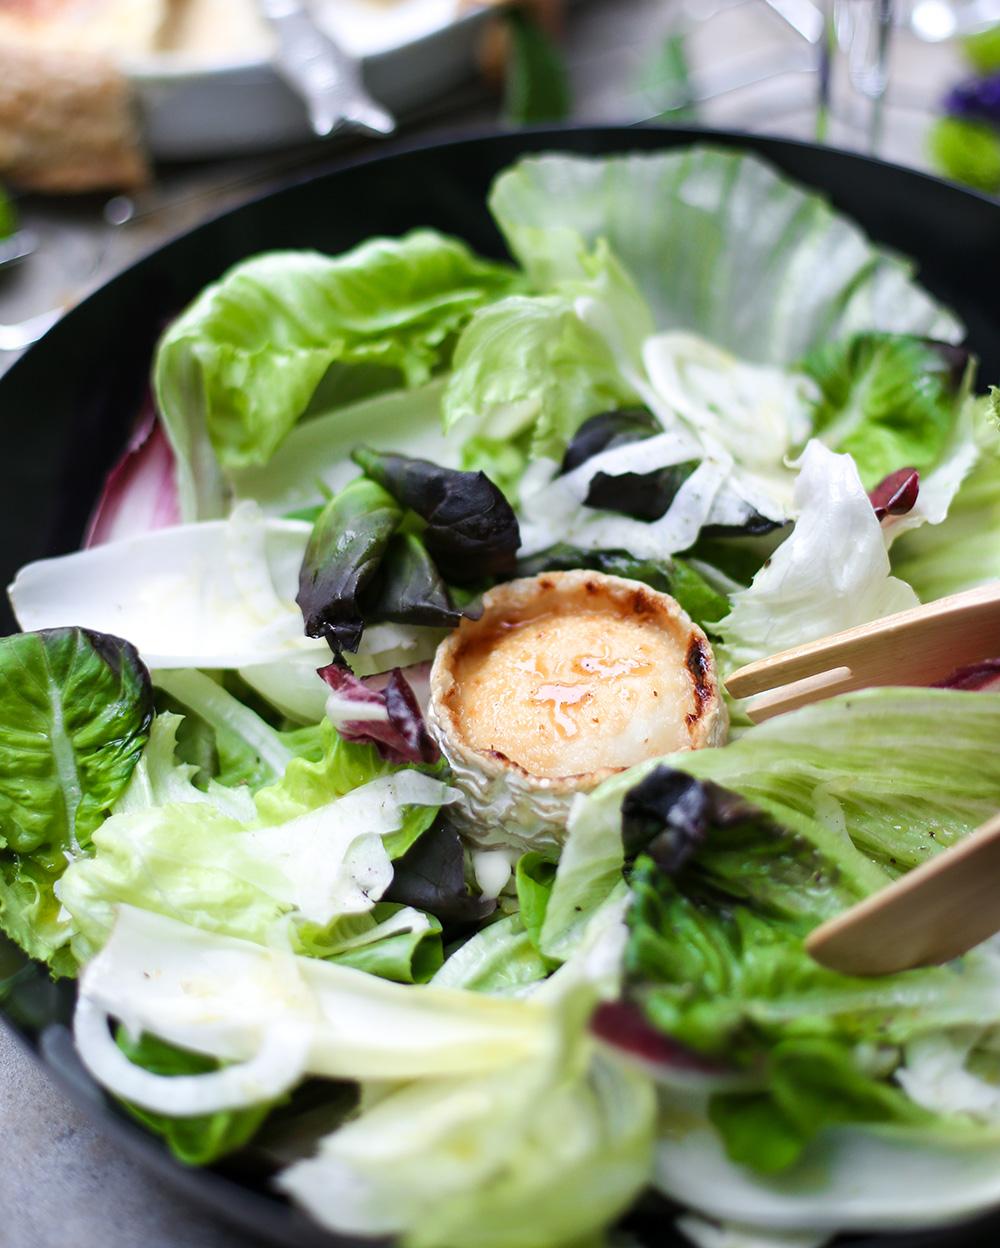 סלט ירוק עם גבינת עיזים וטריק מגניב של אימא שלי. צילום: אפרת לוזנוב